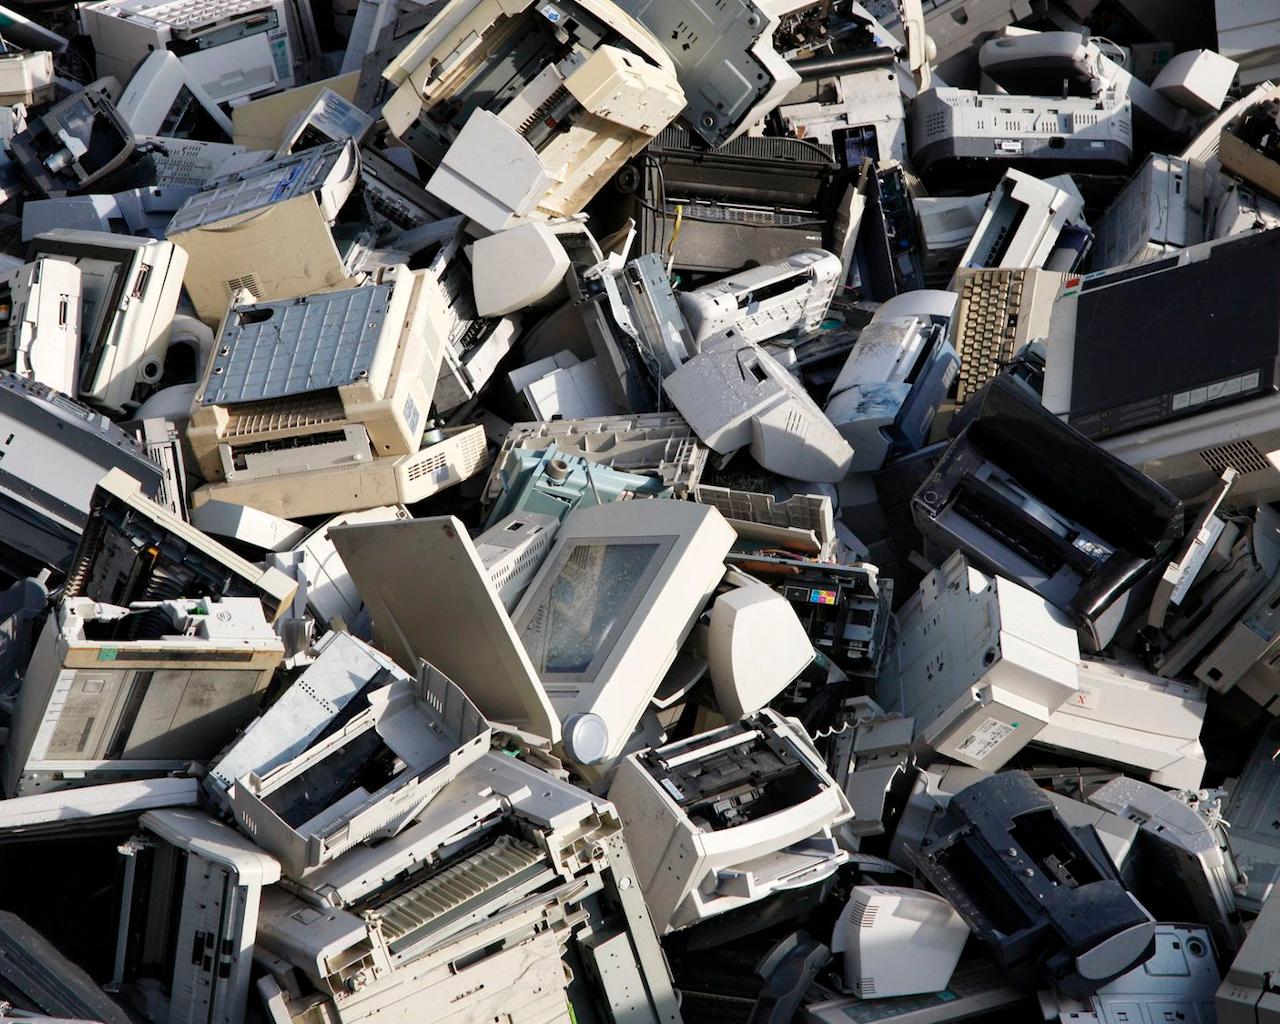 Ανακύκλωση Ηλεκτρικού & Ηλεκτρονικού Εξοπλισμού - Aegean Recycling Εταιρεία Ανακύκλωσης & Επεξεργασίας Αποβλήτων Αστικού & Βιομηχανικού Τύπου